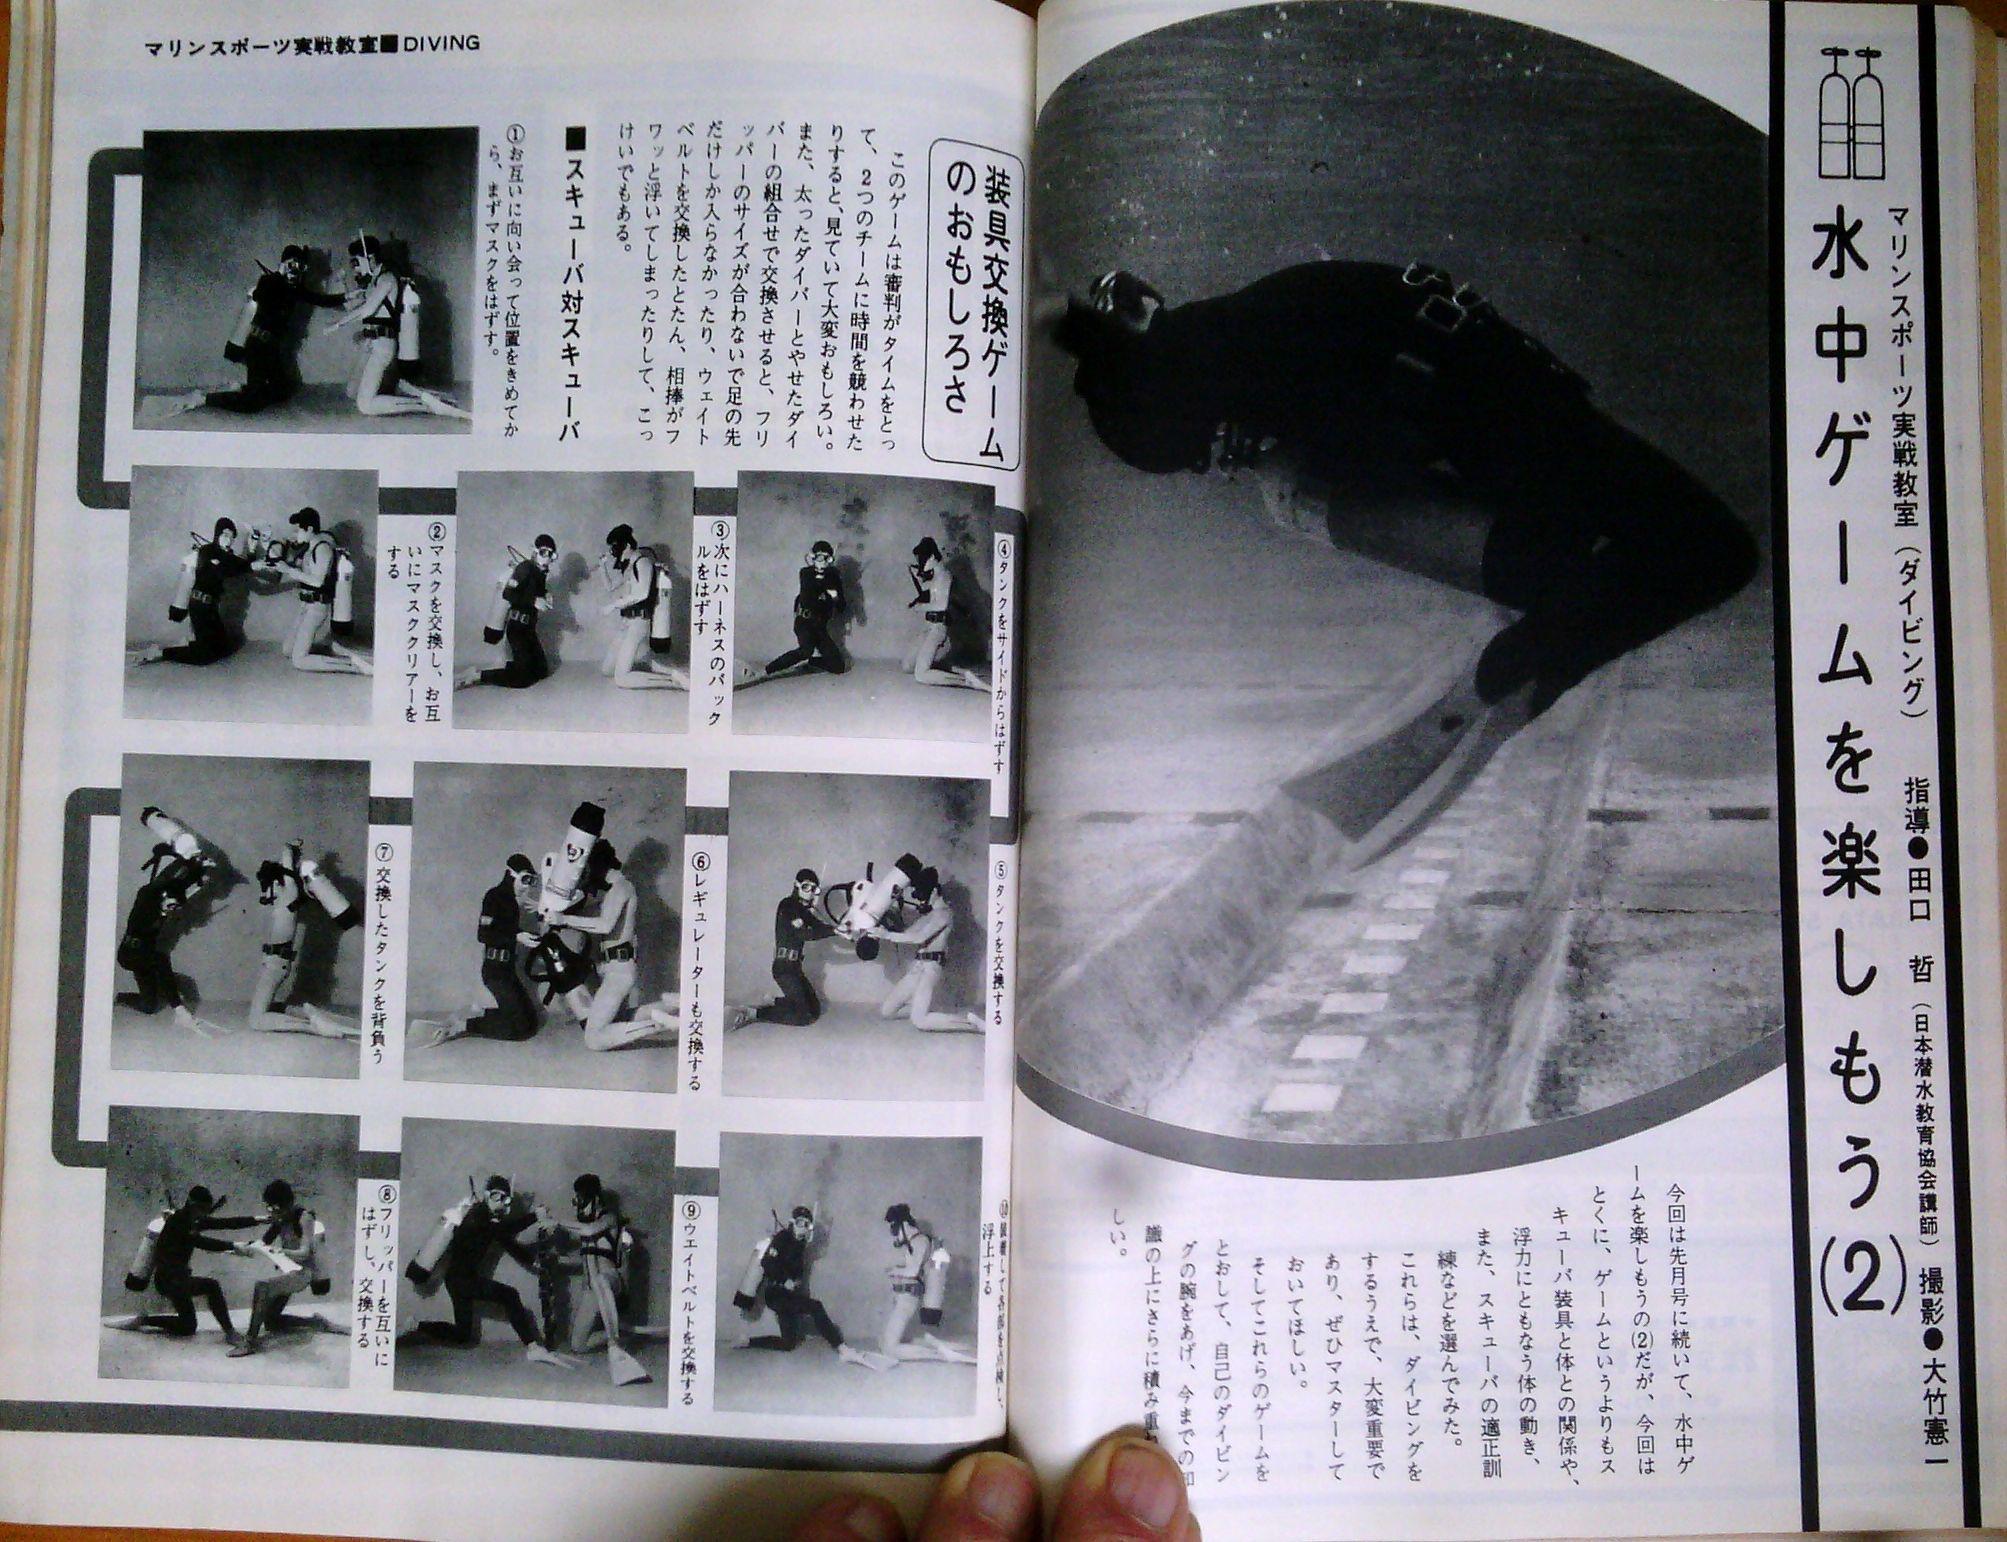 0326 ダイビングの歴史58 海の世界 1972-01_b0075059_13384108.jpg